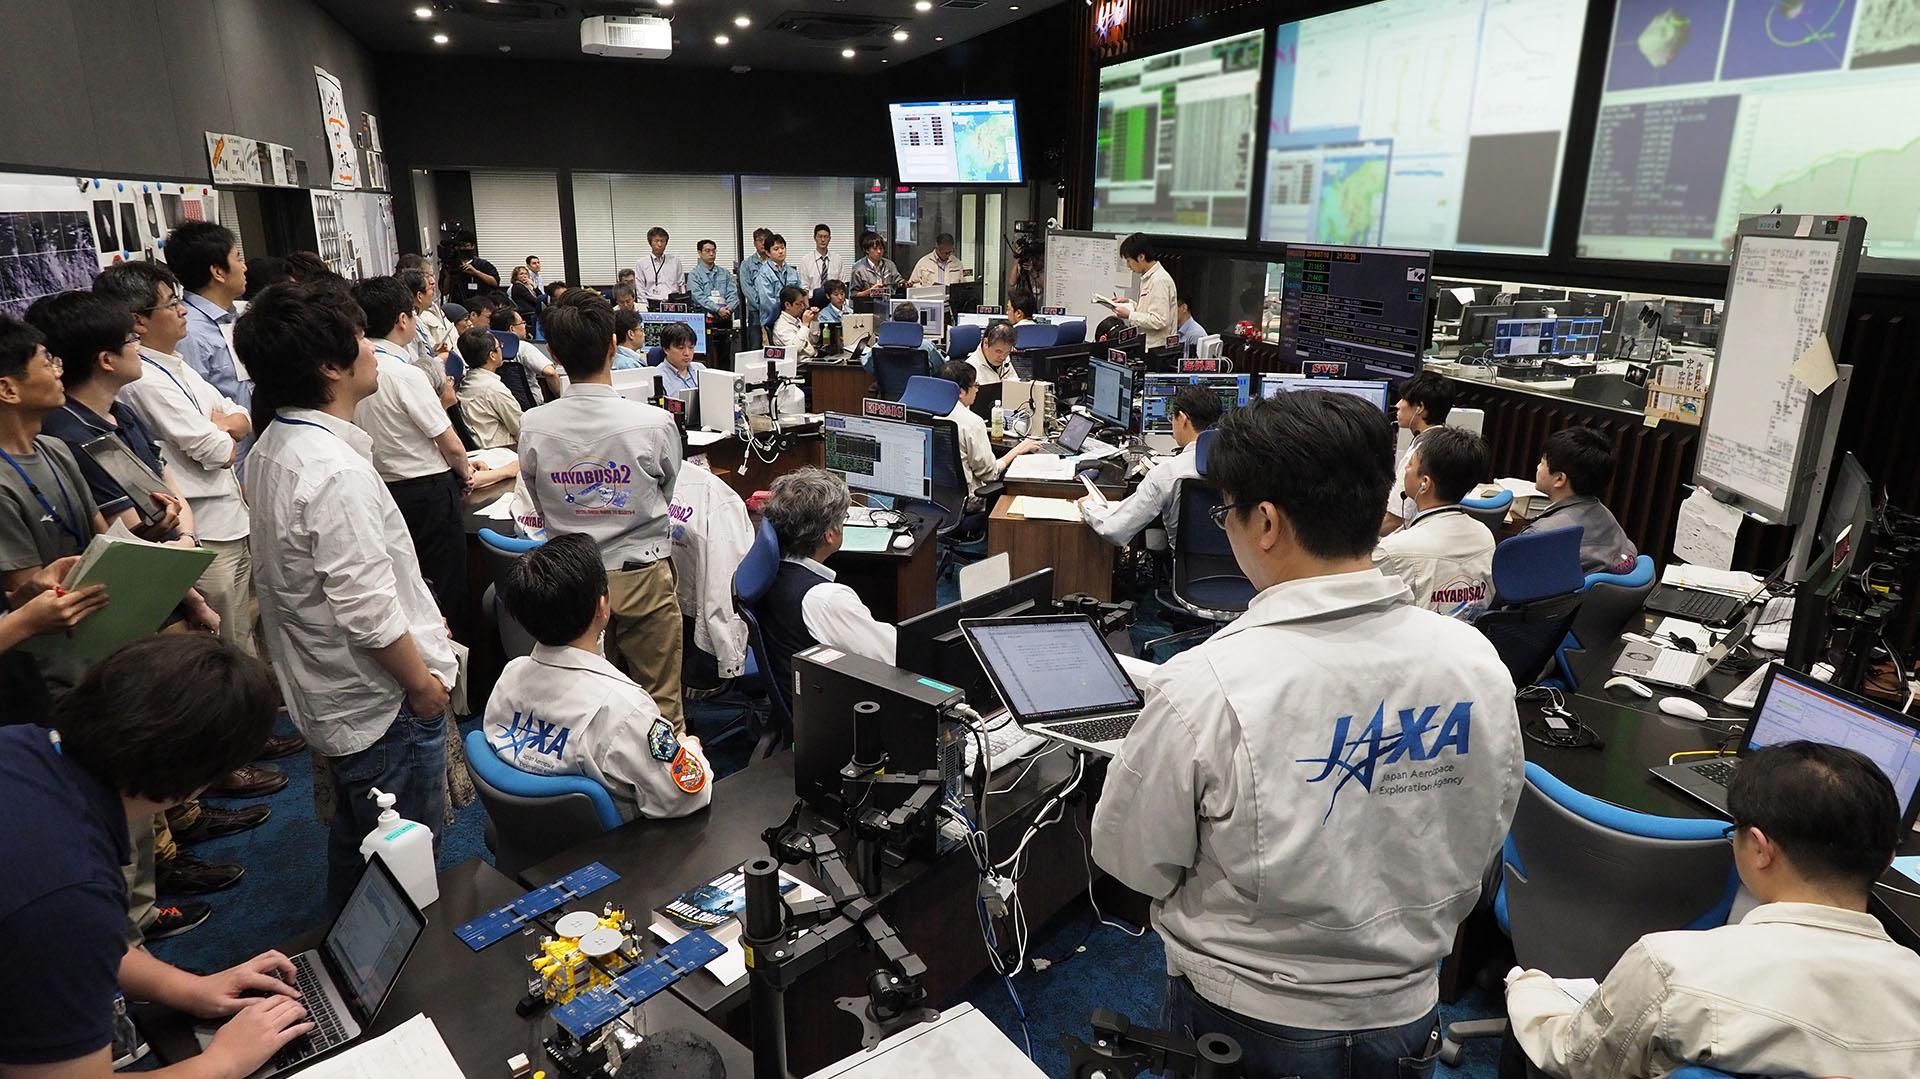 Investigadores y empleados, realizando una sesión informativa en la sala de control de la misión Hayabusa 2 en la ciudad de Sagamihara (Foto de Yutaka IIJIMA / ISAS-JAXA / AFP)